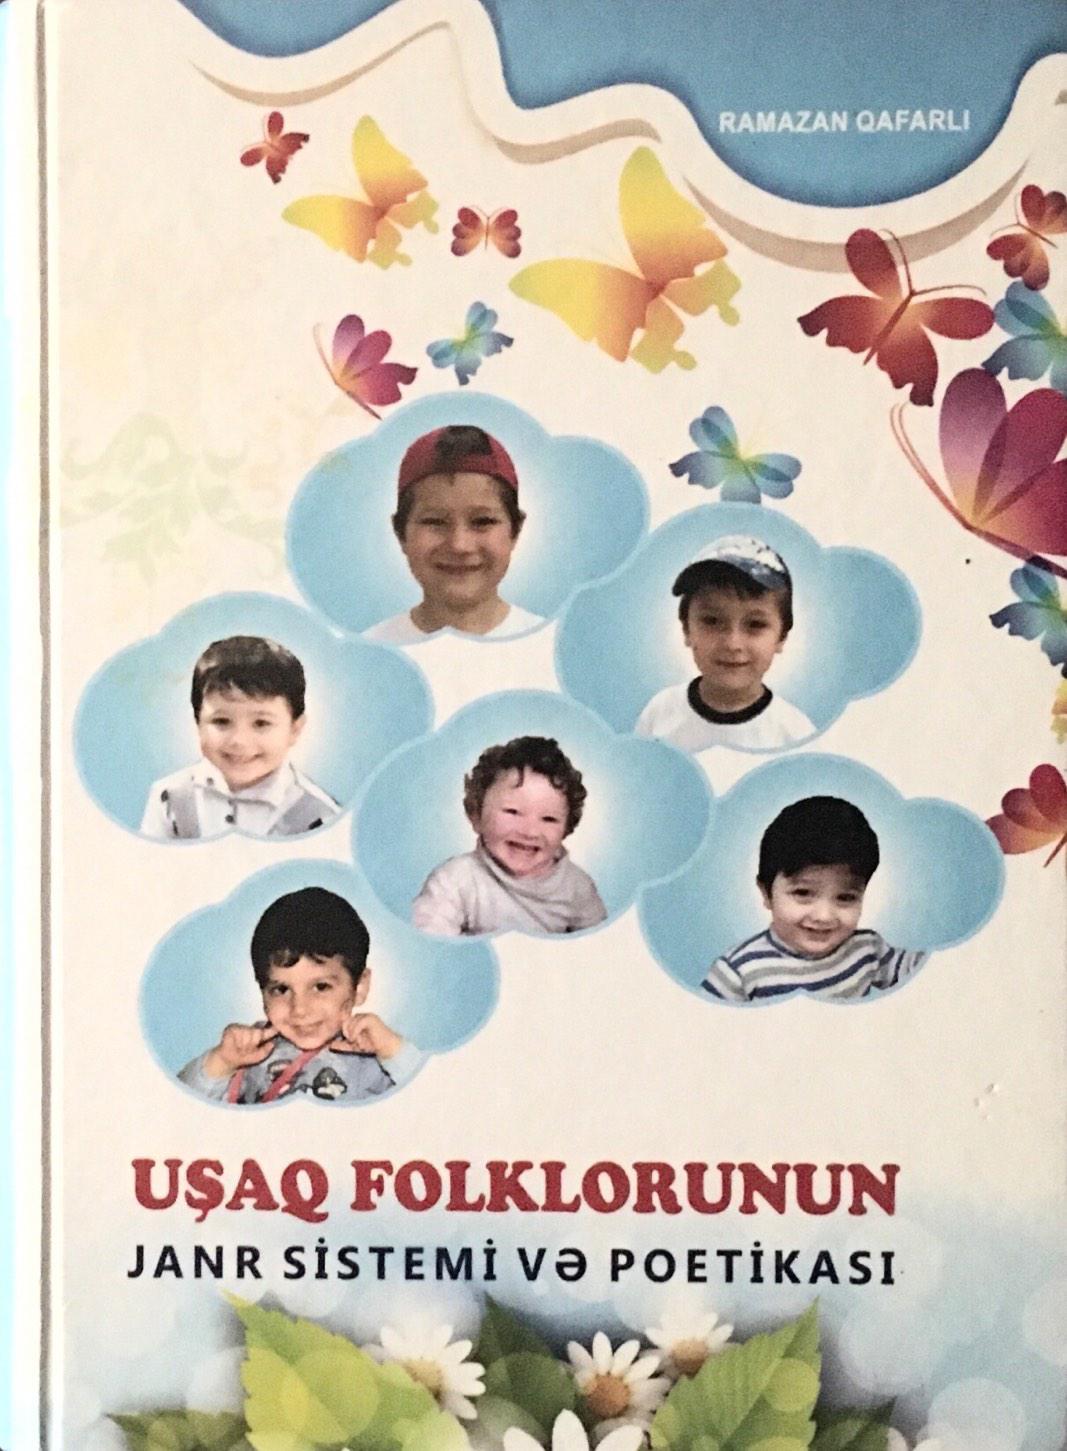 Uşaq folklorunun janr sistemi və poetikası, ikinci nəşr